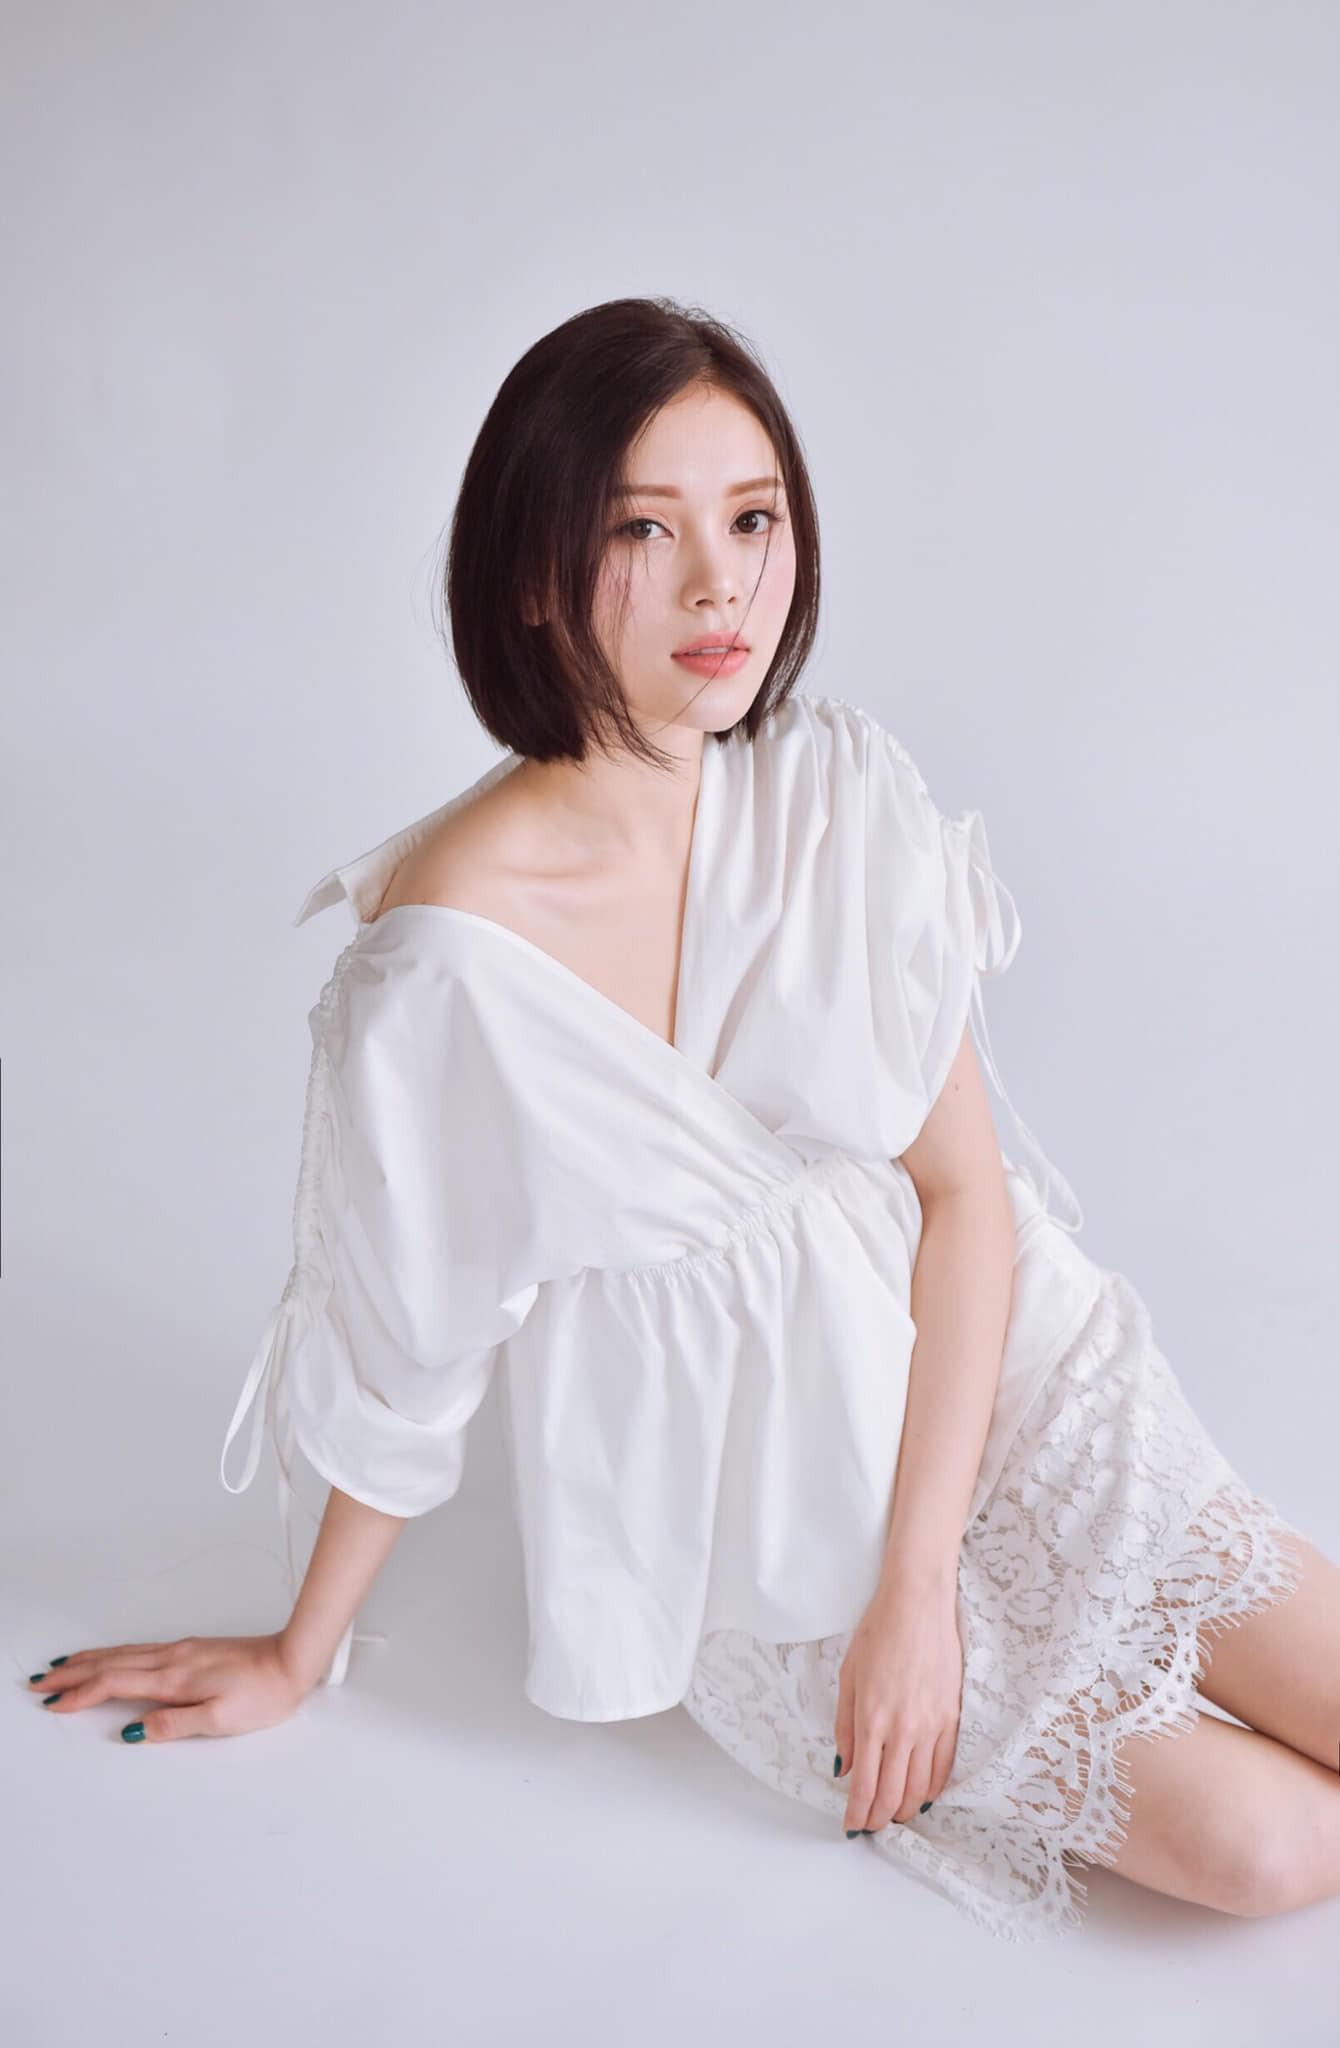 Lật lại hồ sơ tình ái của em chồng Hà Tăng - Phillip Nguyễn: Hẹn hò toàn Á hậu, chân dài nổi tiếng nhất nhì showbiz Việt 9